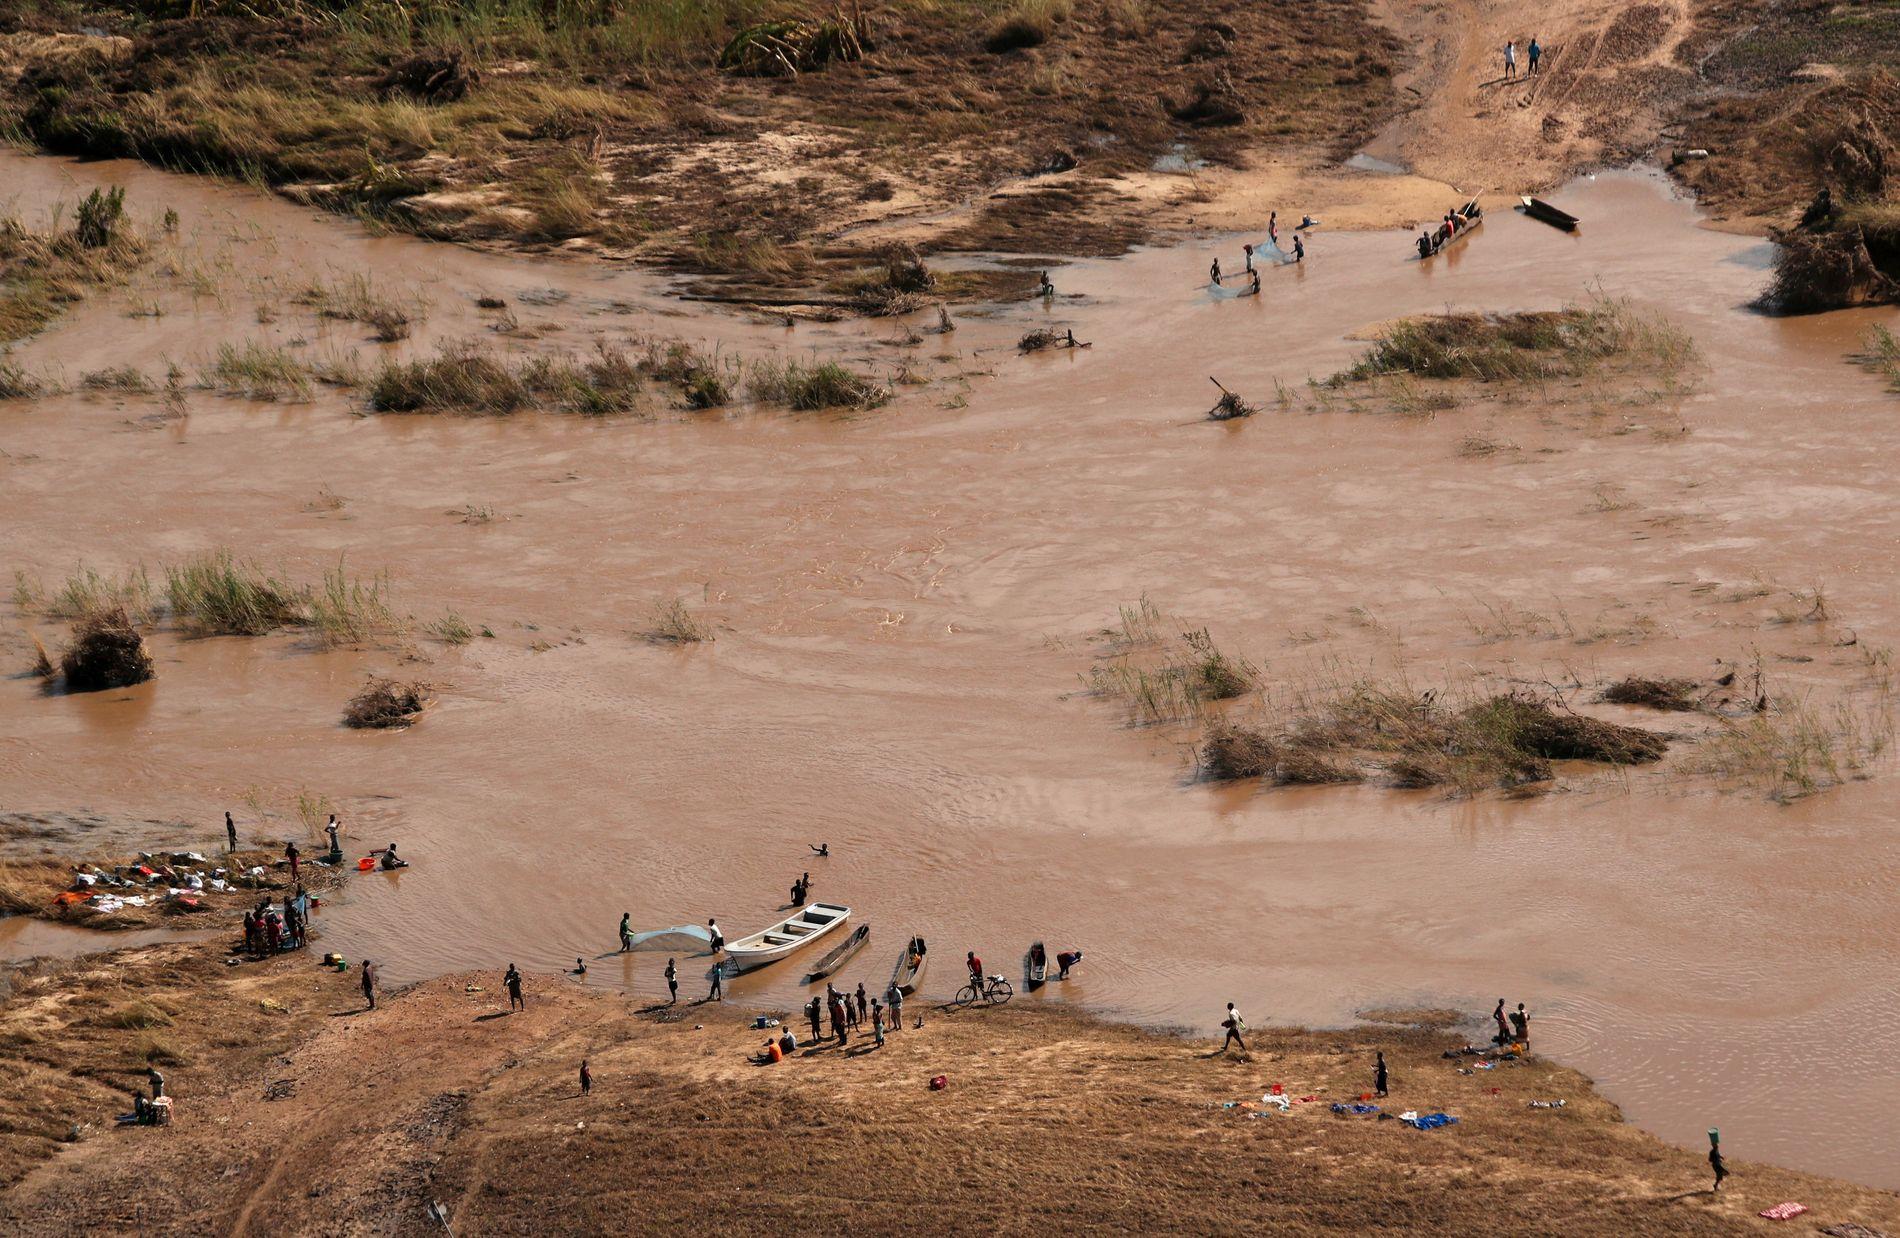 KAMP MOT KLOKKEN: Det er ennå ikke avklart hvor mange som er berørt av syklonen Idai, som har forårsaket enorme ødeleggelser i Mosambik, Zimbabwe og Malawi. I skrivende stund er anslaget på nærmere to millioner mennesker. Halvparten av disse er barn, og arbeidet for å forhindre sykdomsutbrudd er en kamp mot klokken, skriver innsenderne.